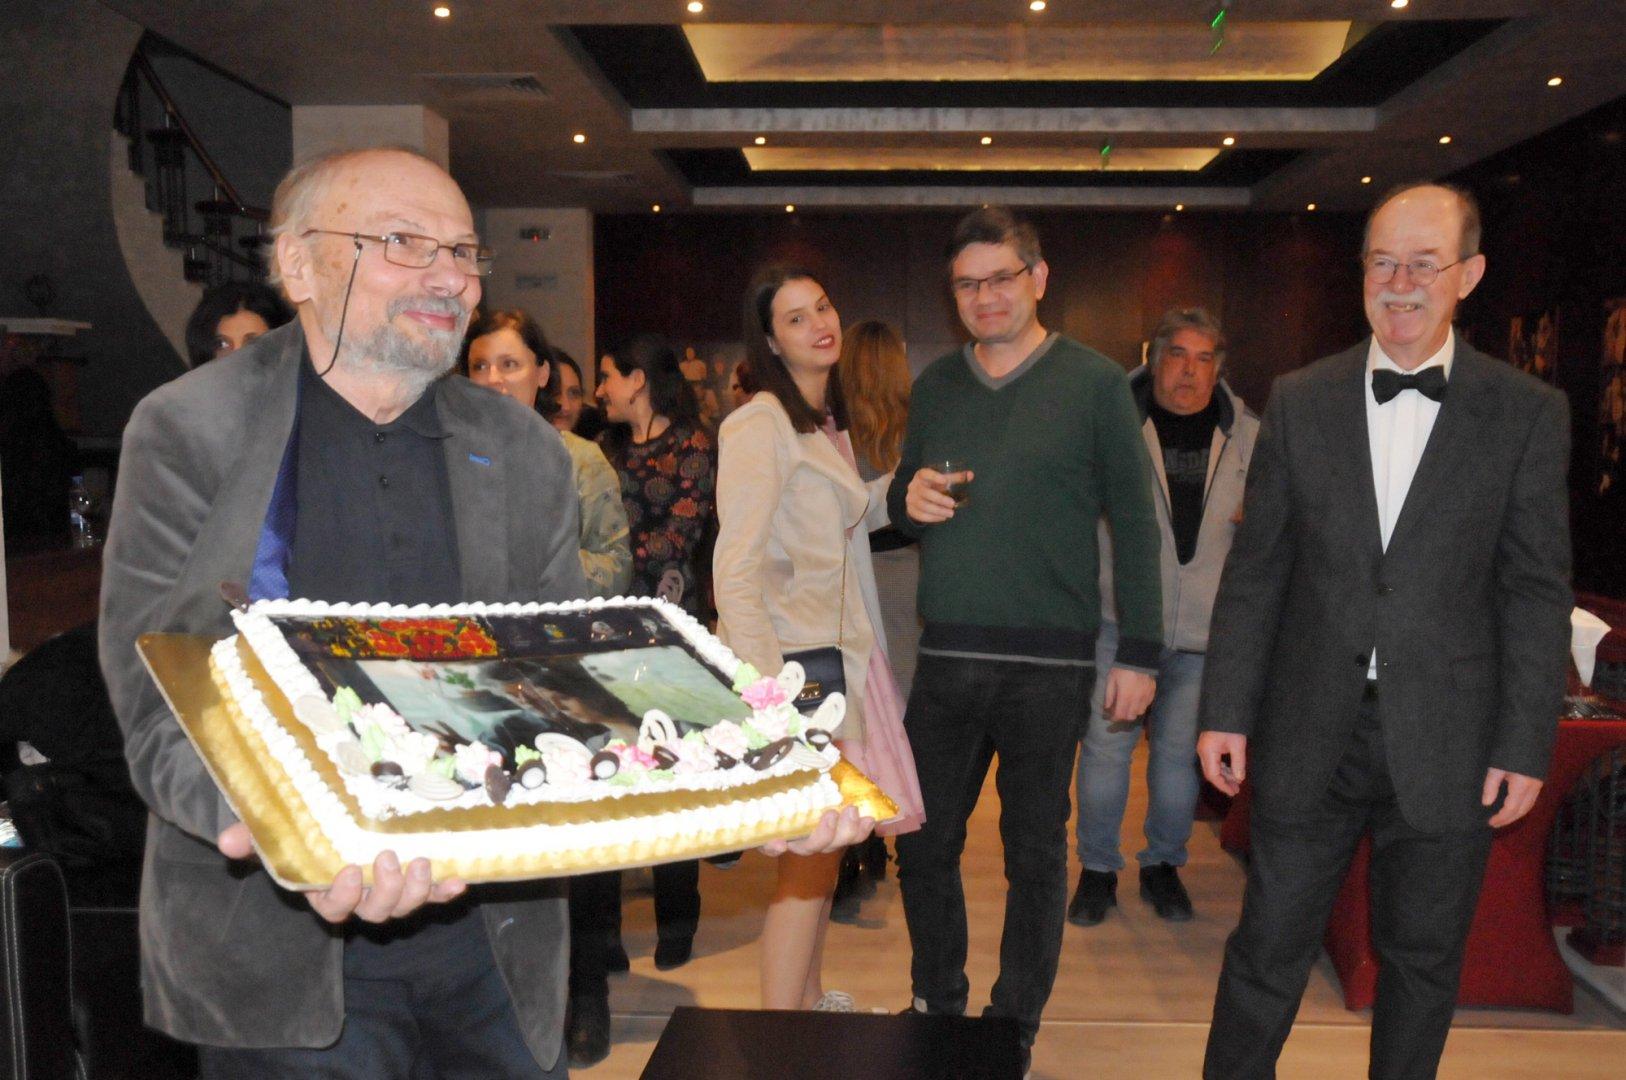 Режисьорът Радослав Овчаров разряза празничната торта. Снимки Лина Главинова